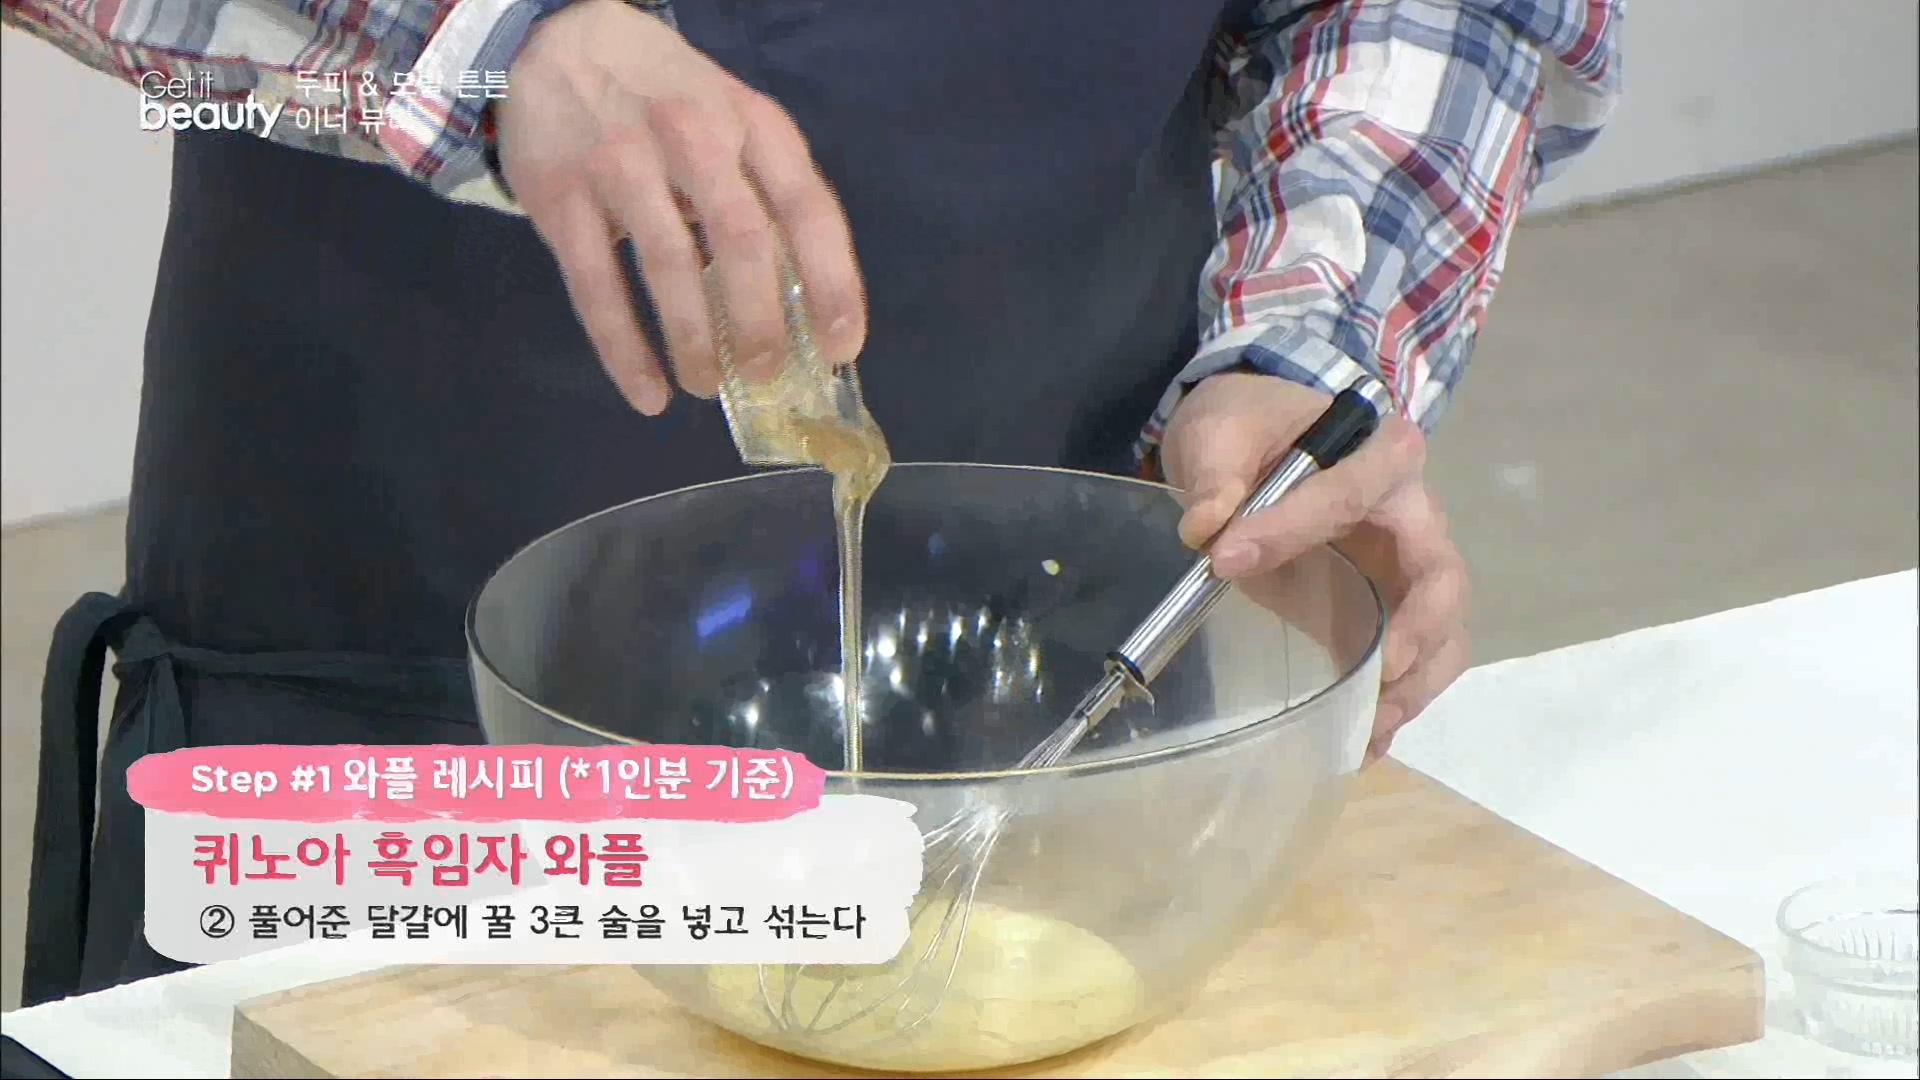 Step#1.와플 레시피 2.풀어준 달걀에 꿀 3큰 술을 넣고 섞는다.(꿀의 효능은 모발에 필요한 미네랄과 비타민이 풍부